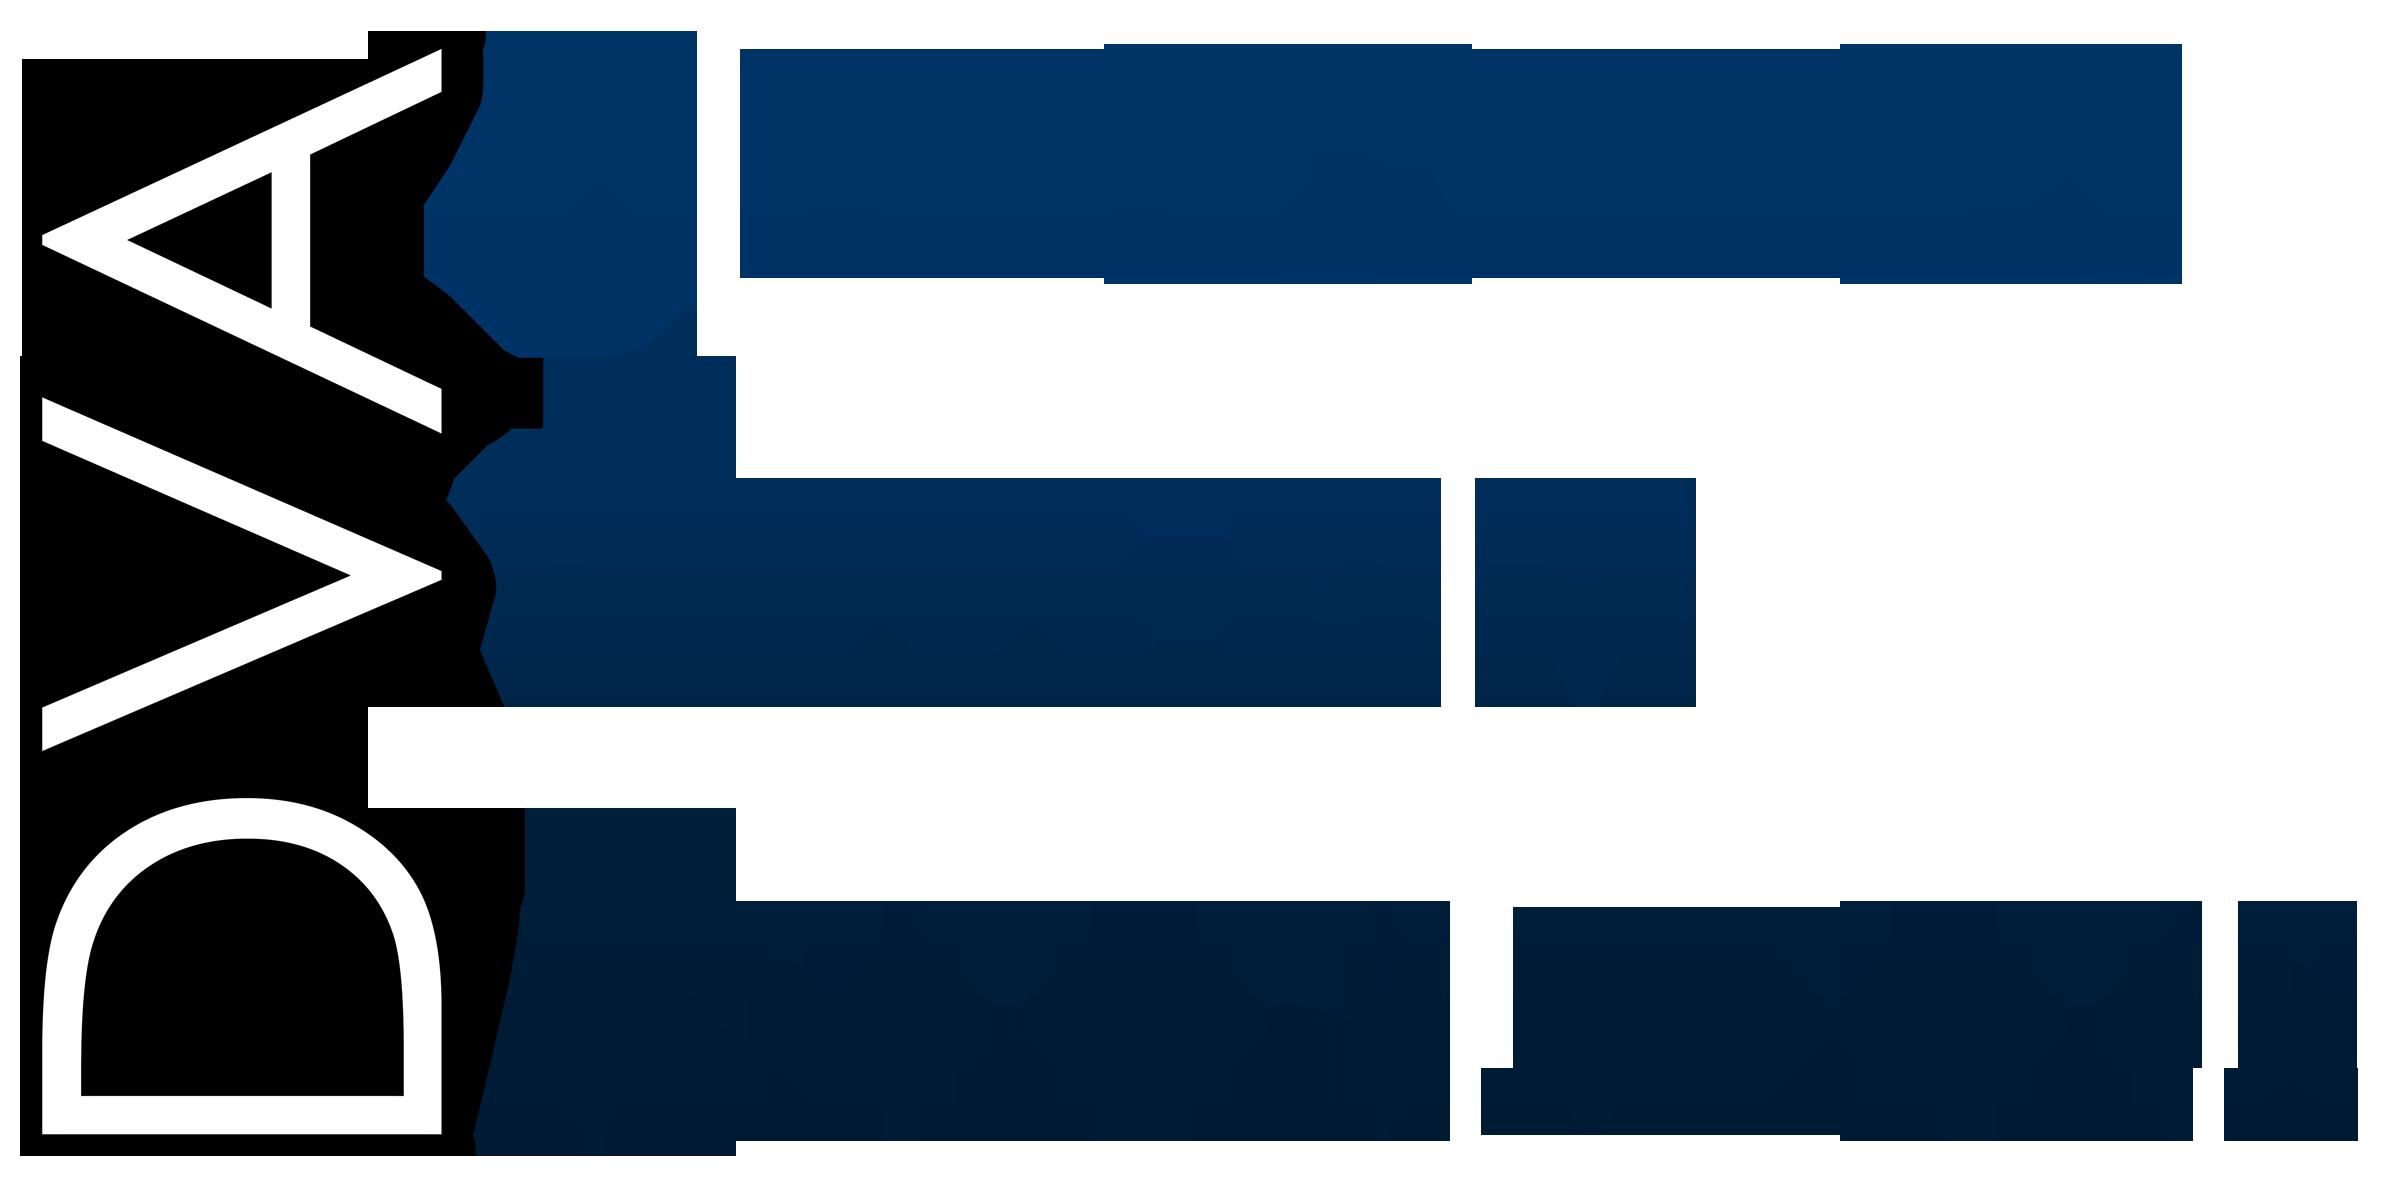 DVA - Detectives Villena Asociados